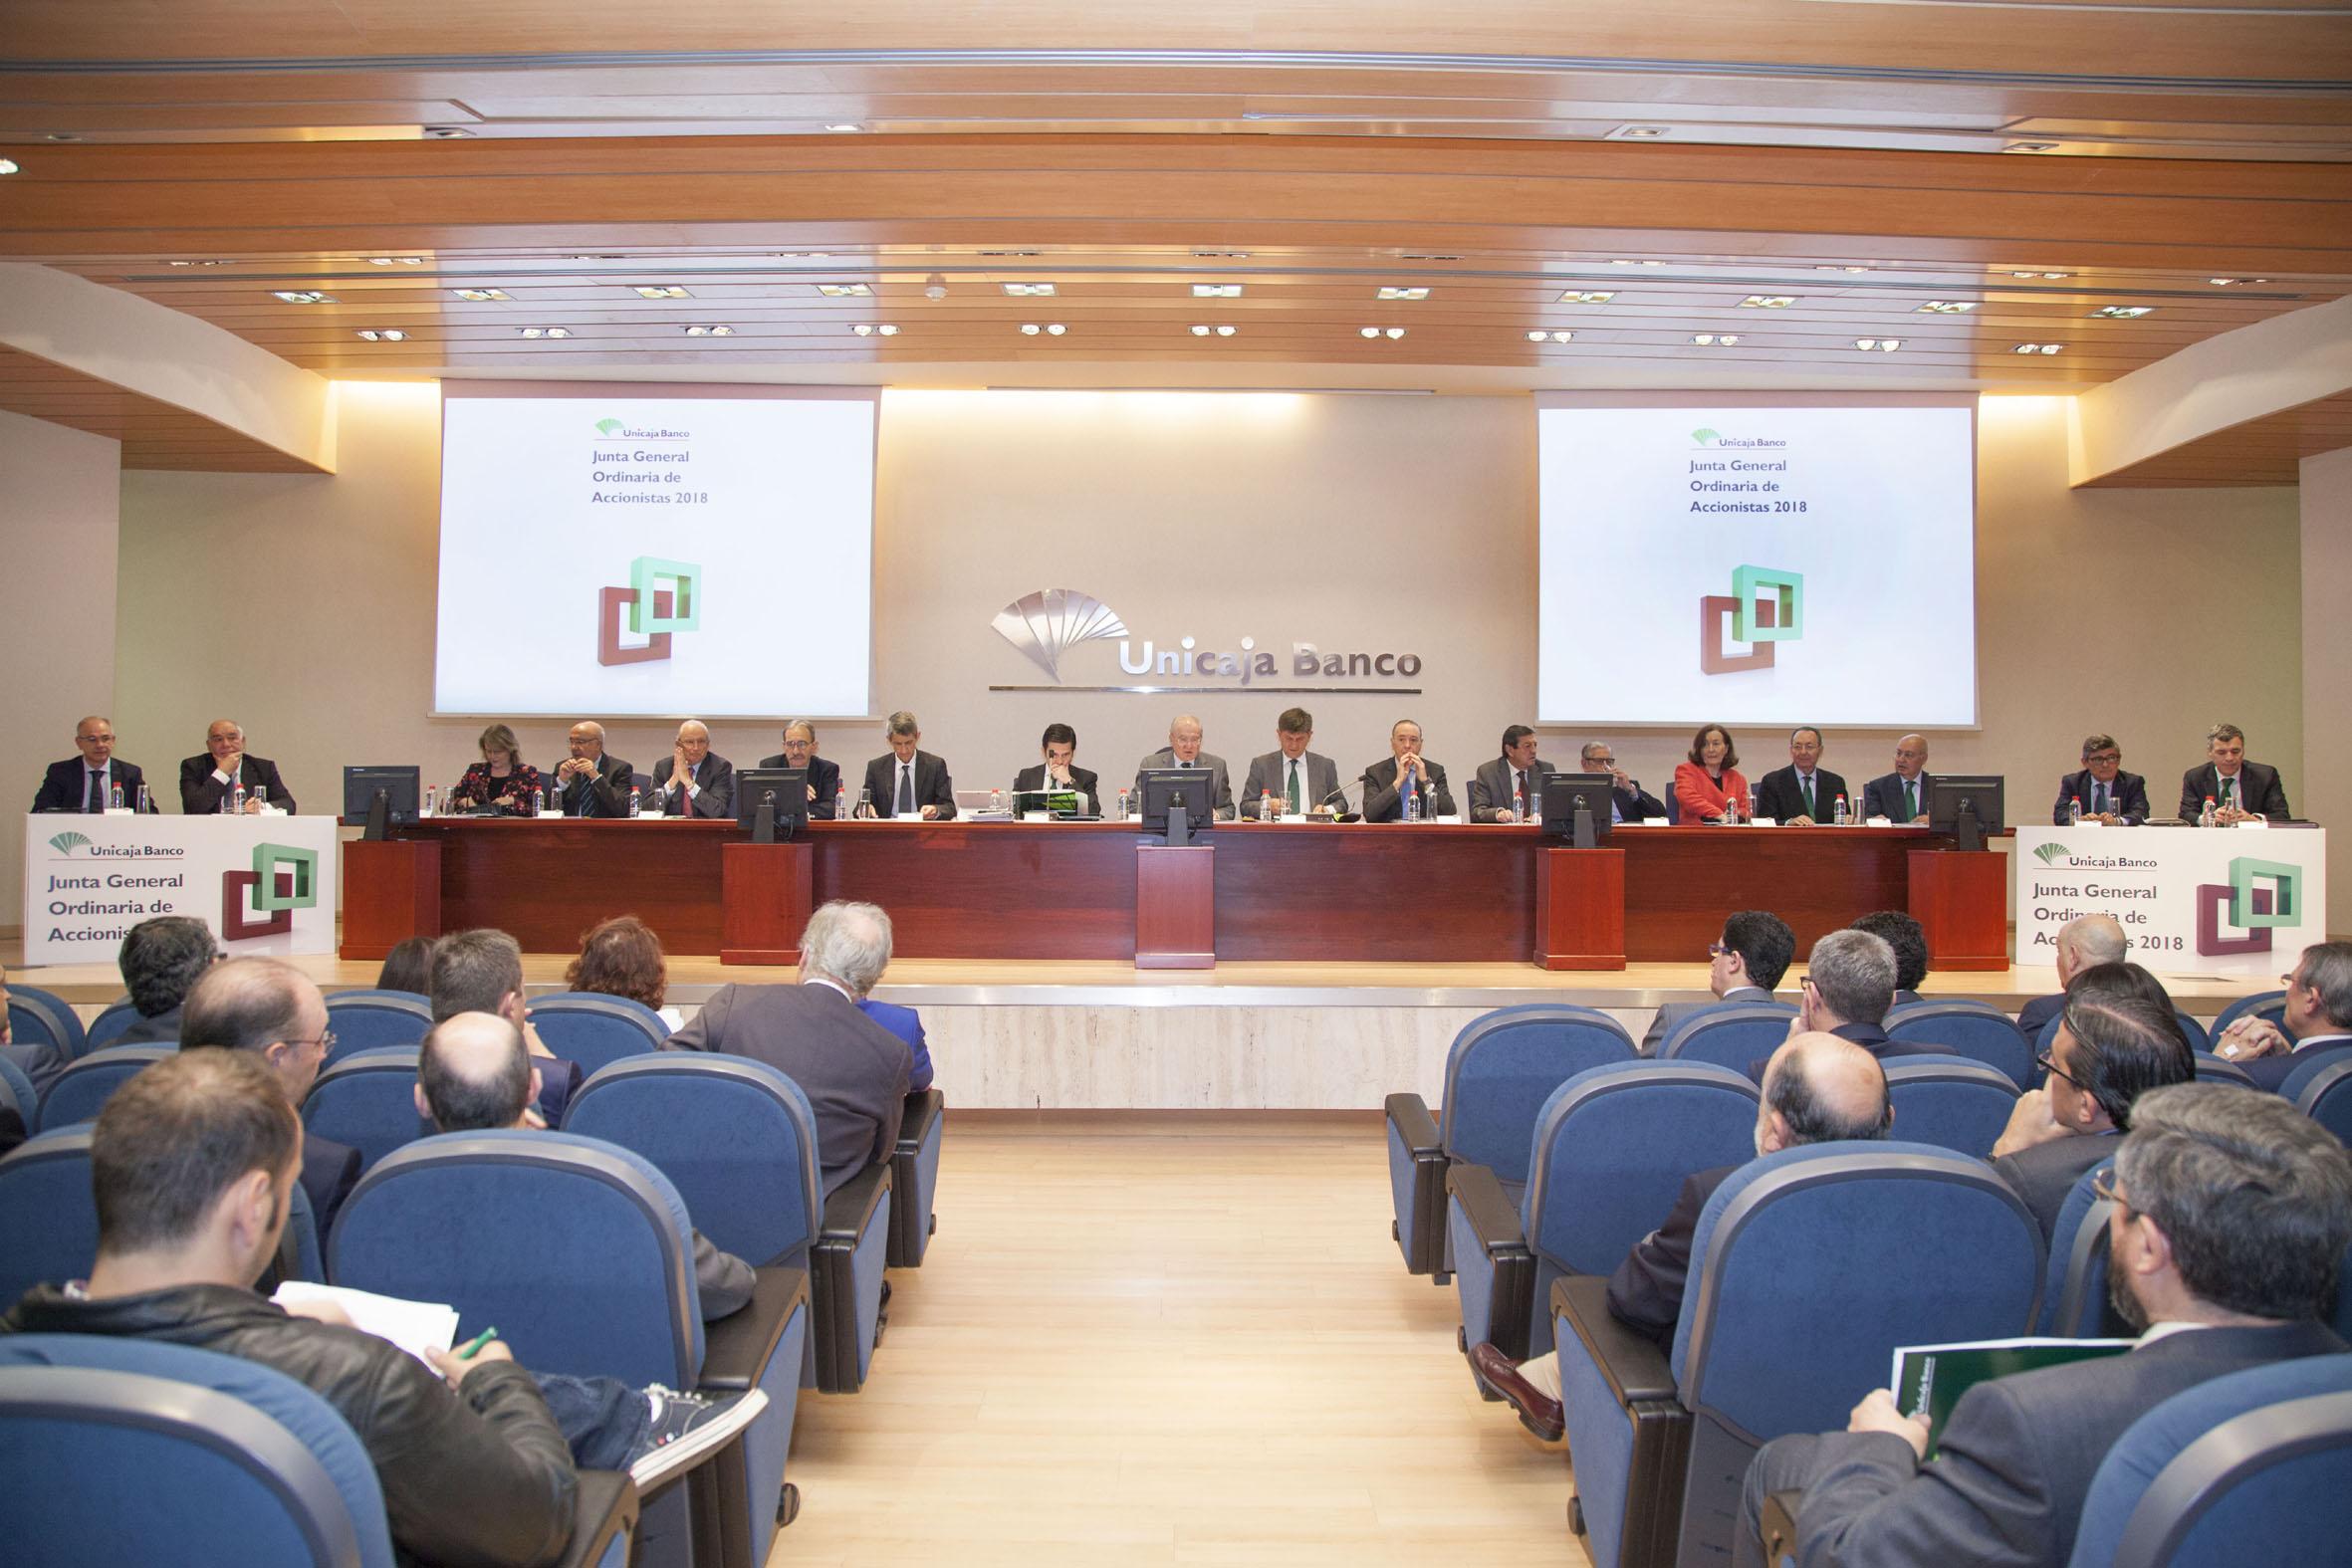 Unicaja Banco aprueba en Junta de Accionistas la fusión de EspañaDuero, la renovación de su Consejo de Administración y aborda una nueva etapa enfocada a la rentabilidad y diversificación del negocio